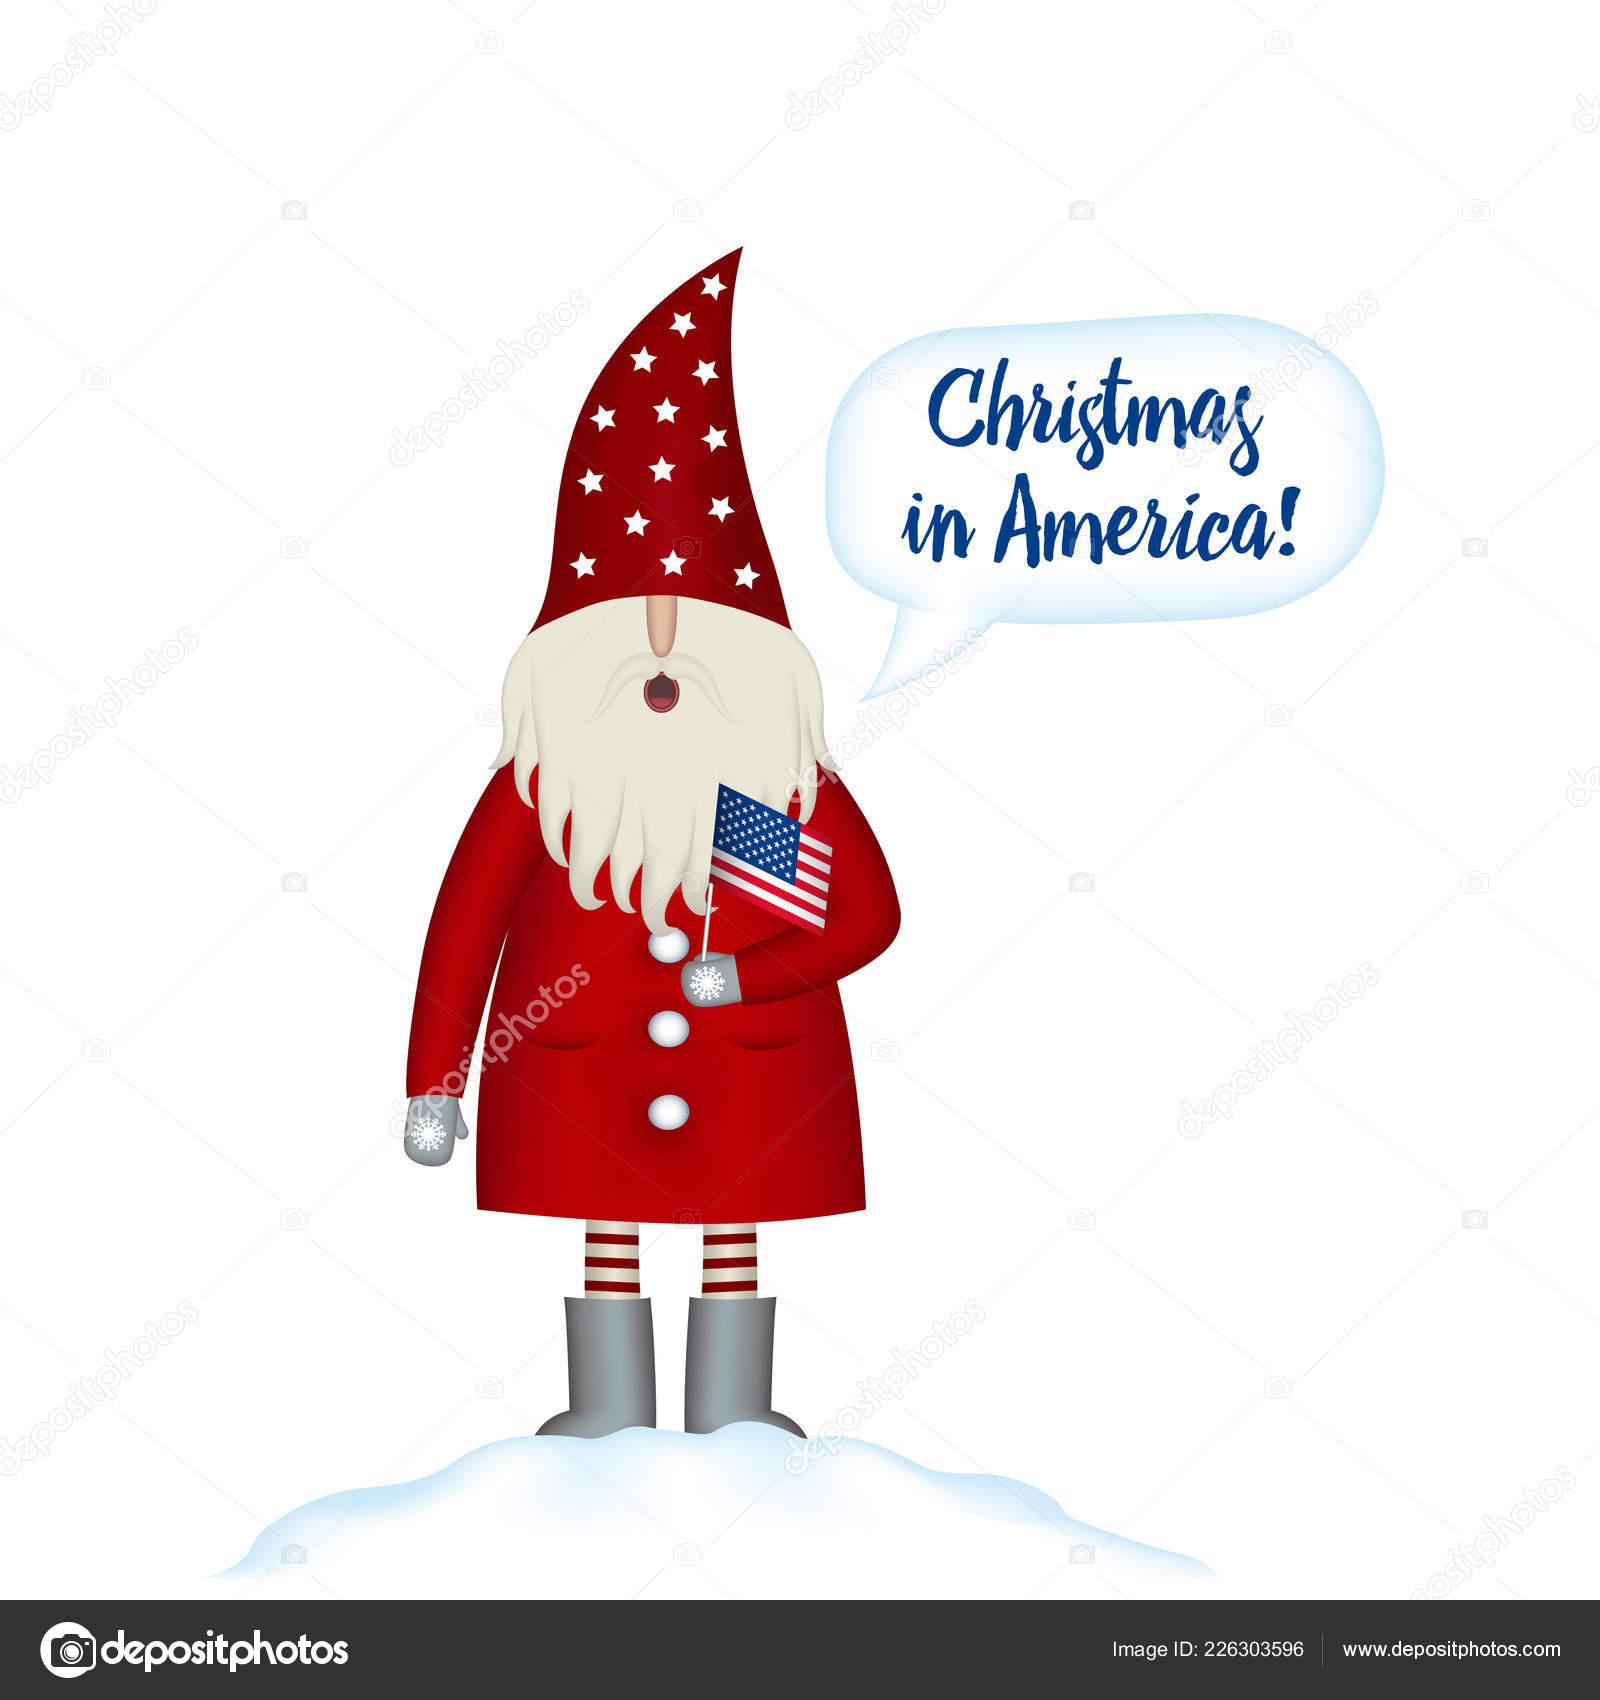 Amerikanische Weihnachtskarten.Weihnachtskarte Vorlage Festliche Feiertage In In Amerika